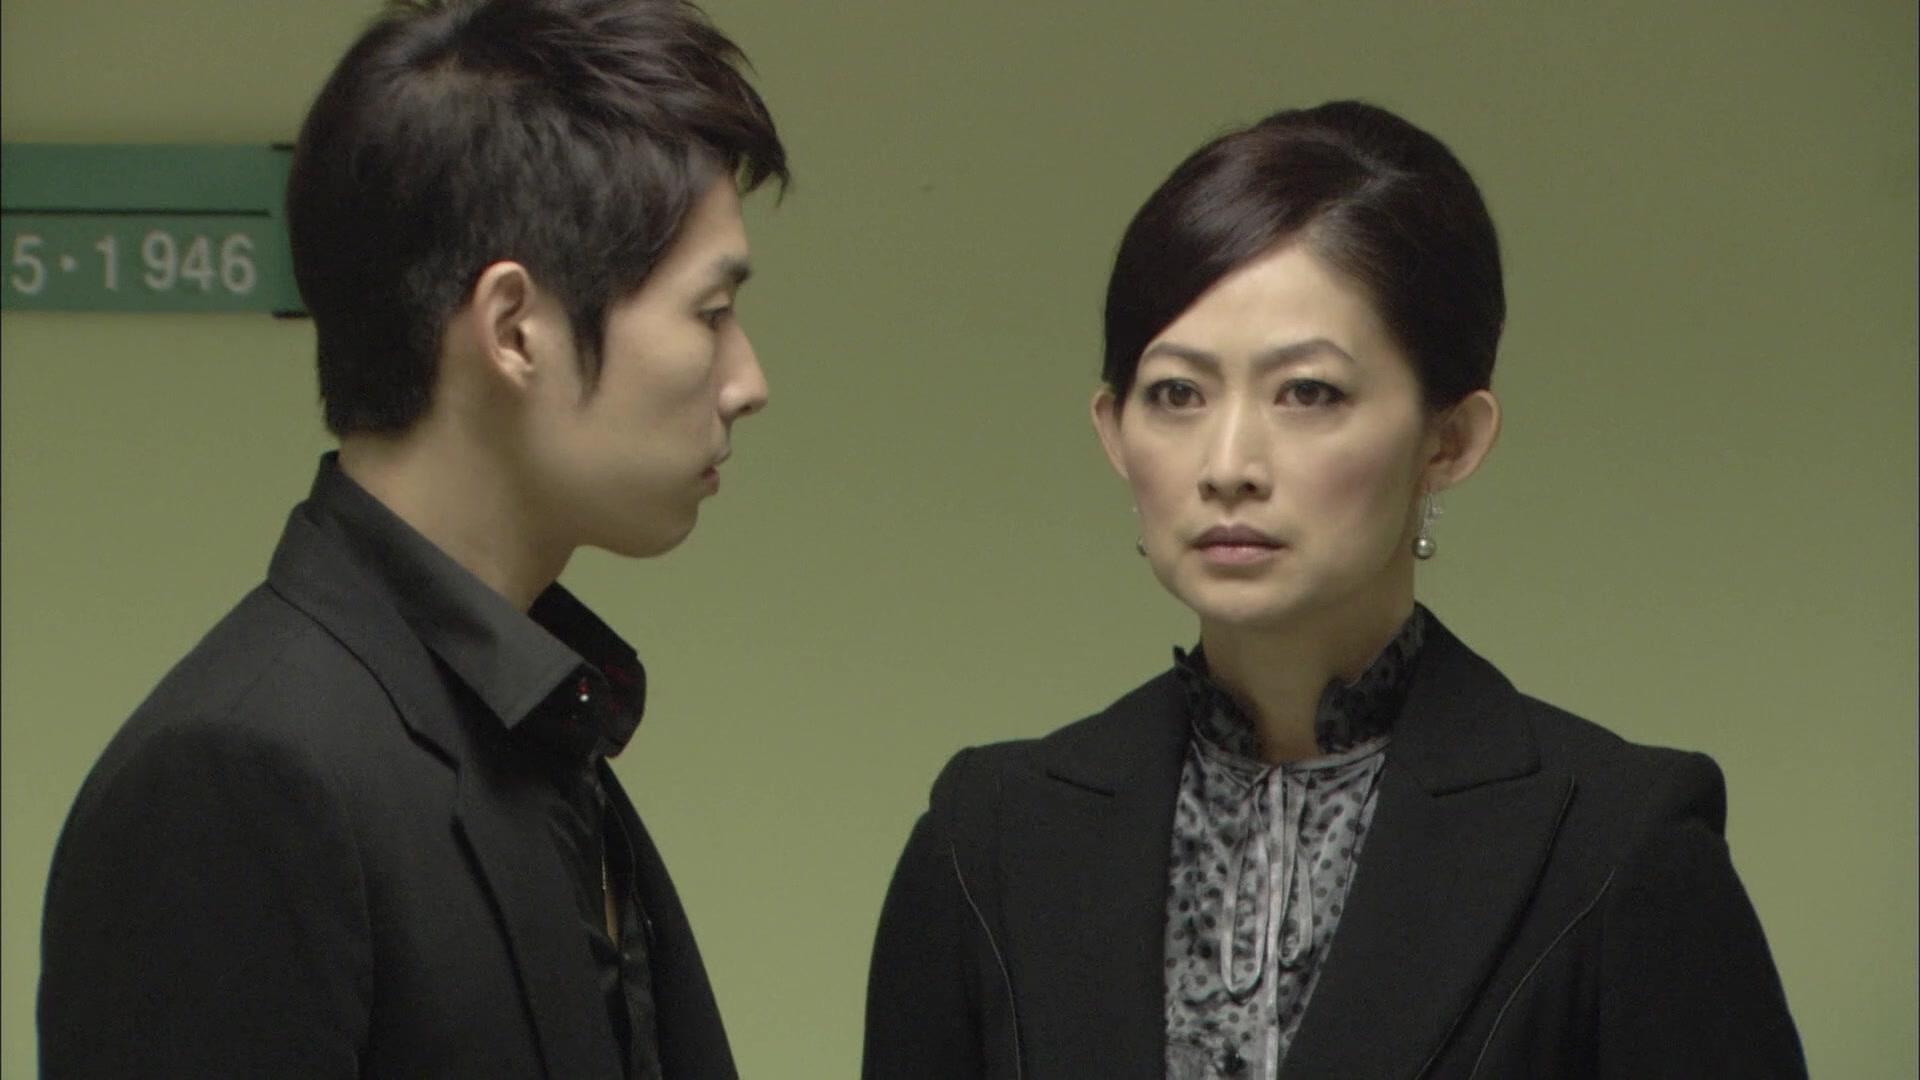 Autumn s concerto wallpaper - Autumn S Concerto Episode 22 Watch Full Episodes Free Taiwan Tv Shows Rakuten Viki